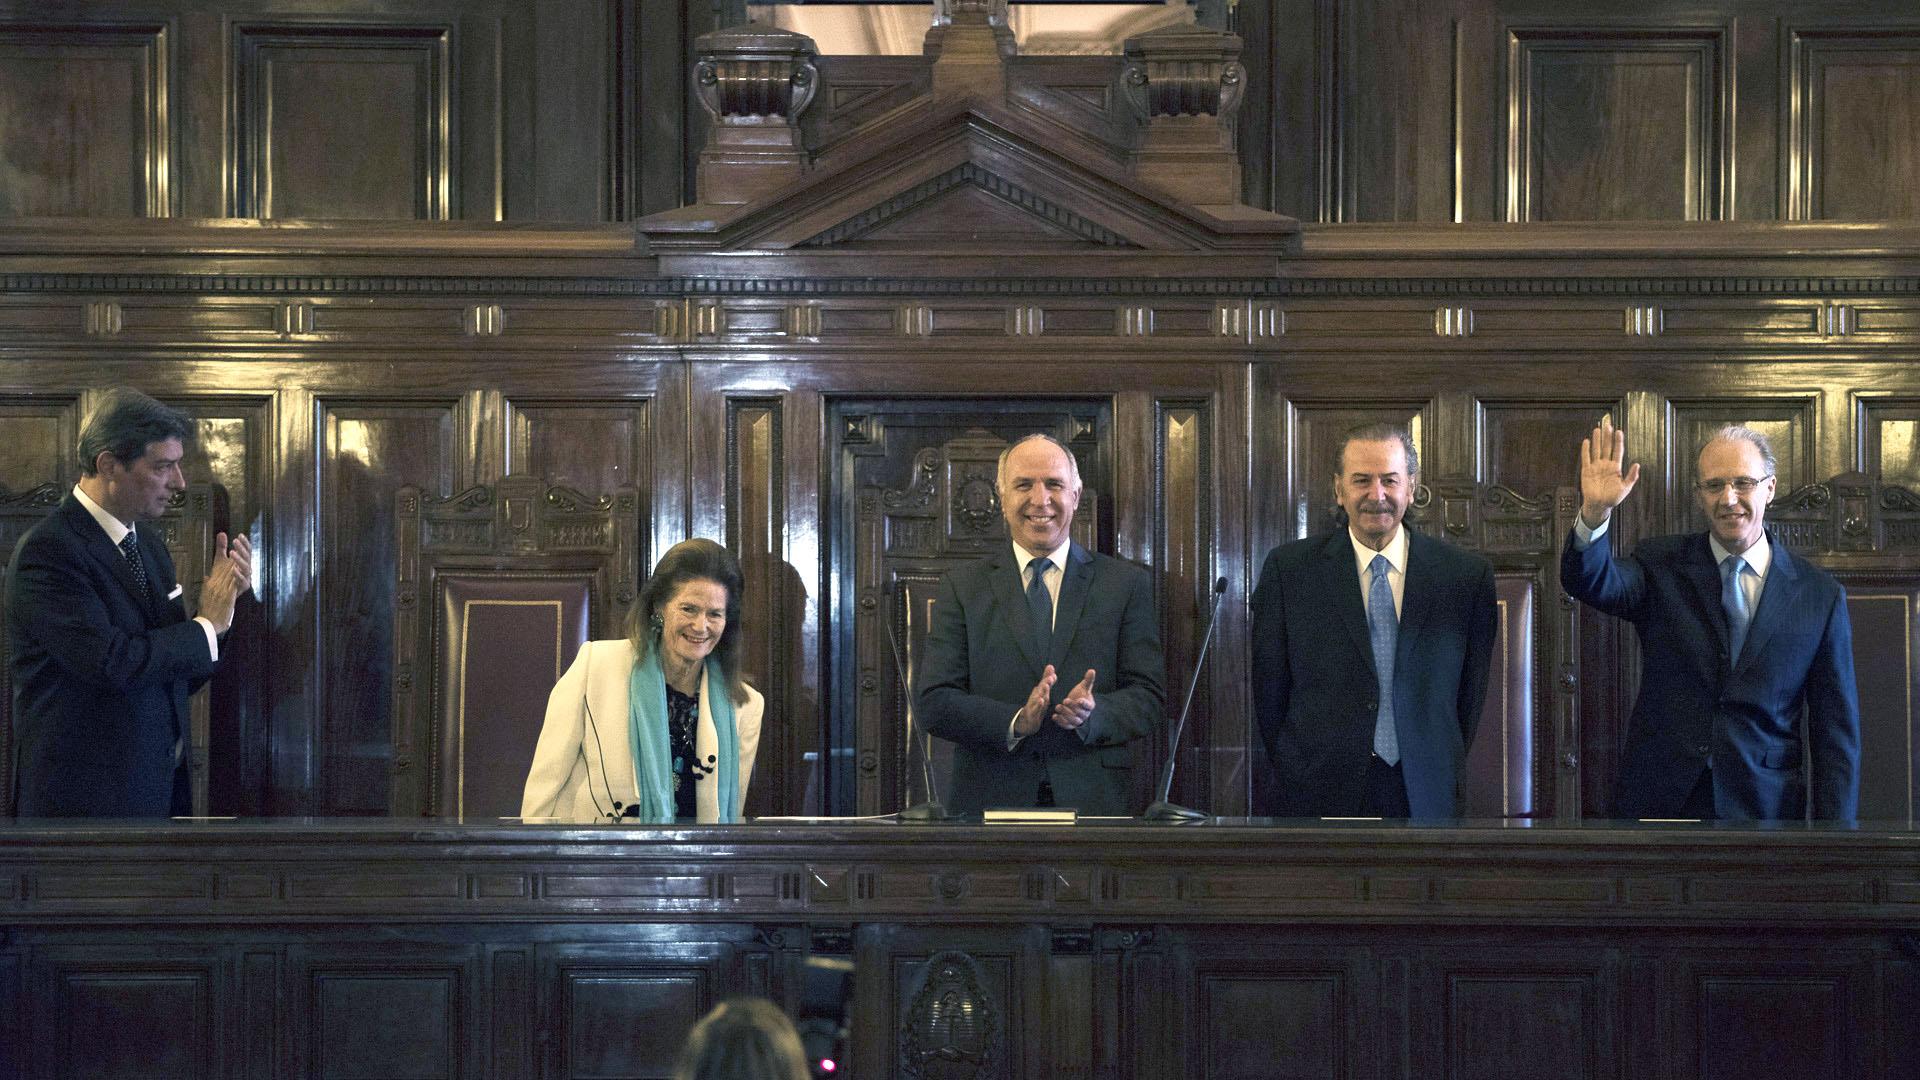 Los 5 integrantes de la Corte: Horacio Rosatti, Elena Higton de Nolasco, Ricardo Lorenzetti, Juan Carlos Maqueda y Carlos Rosenkrantz (Adrián Escandar)